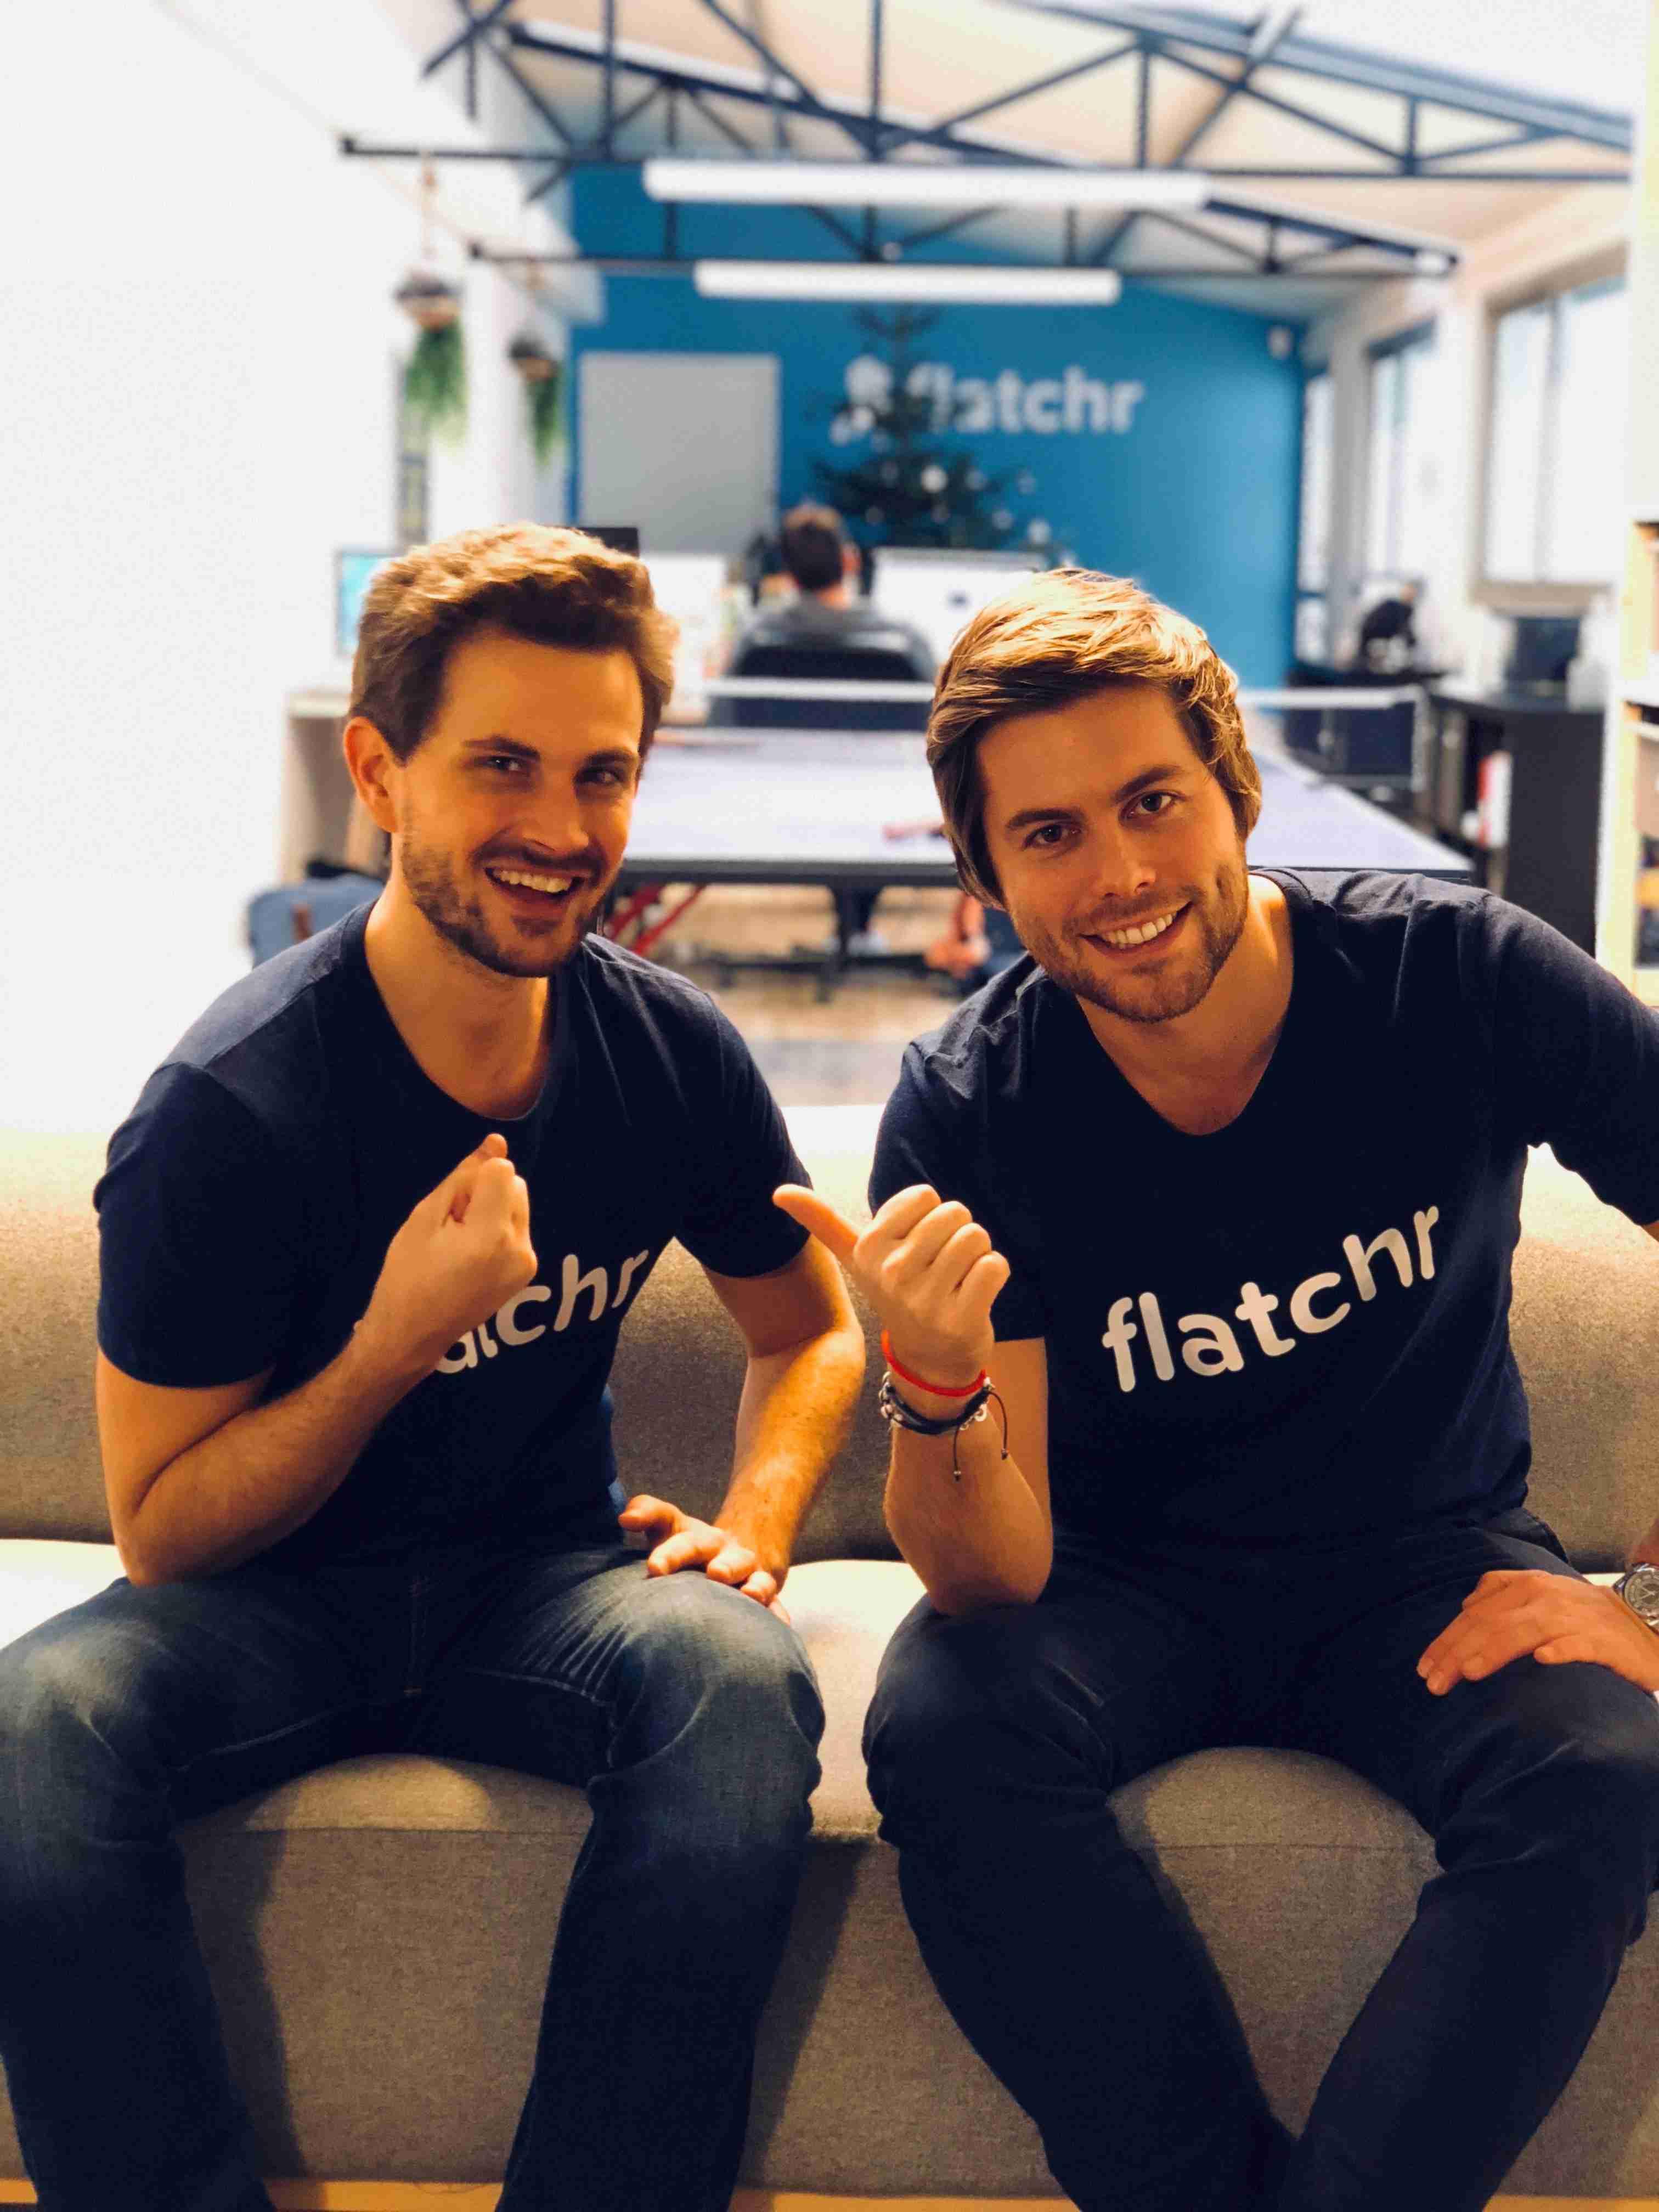 Photo Martin et Valentin Flatchr